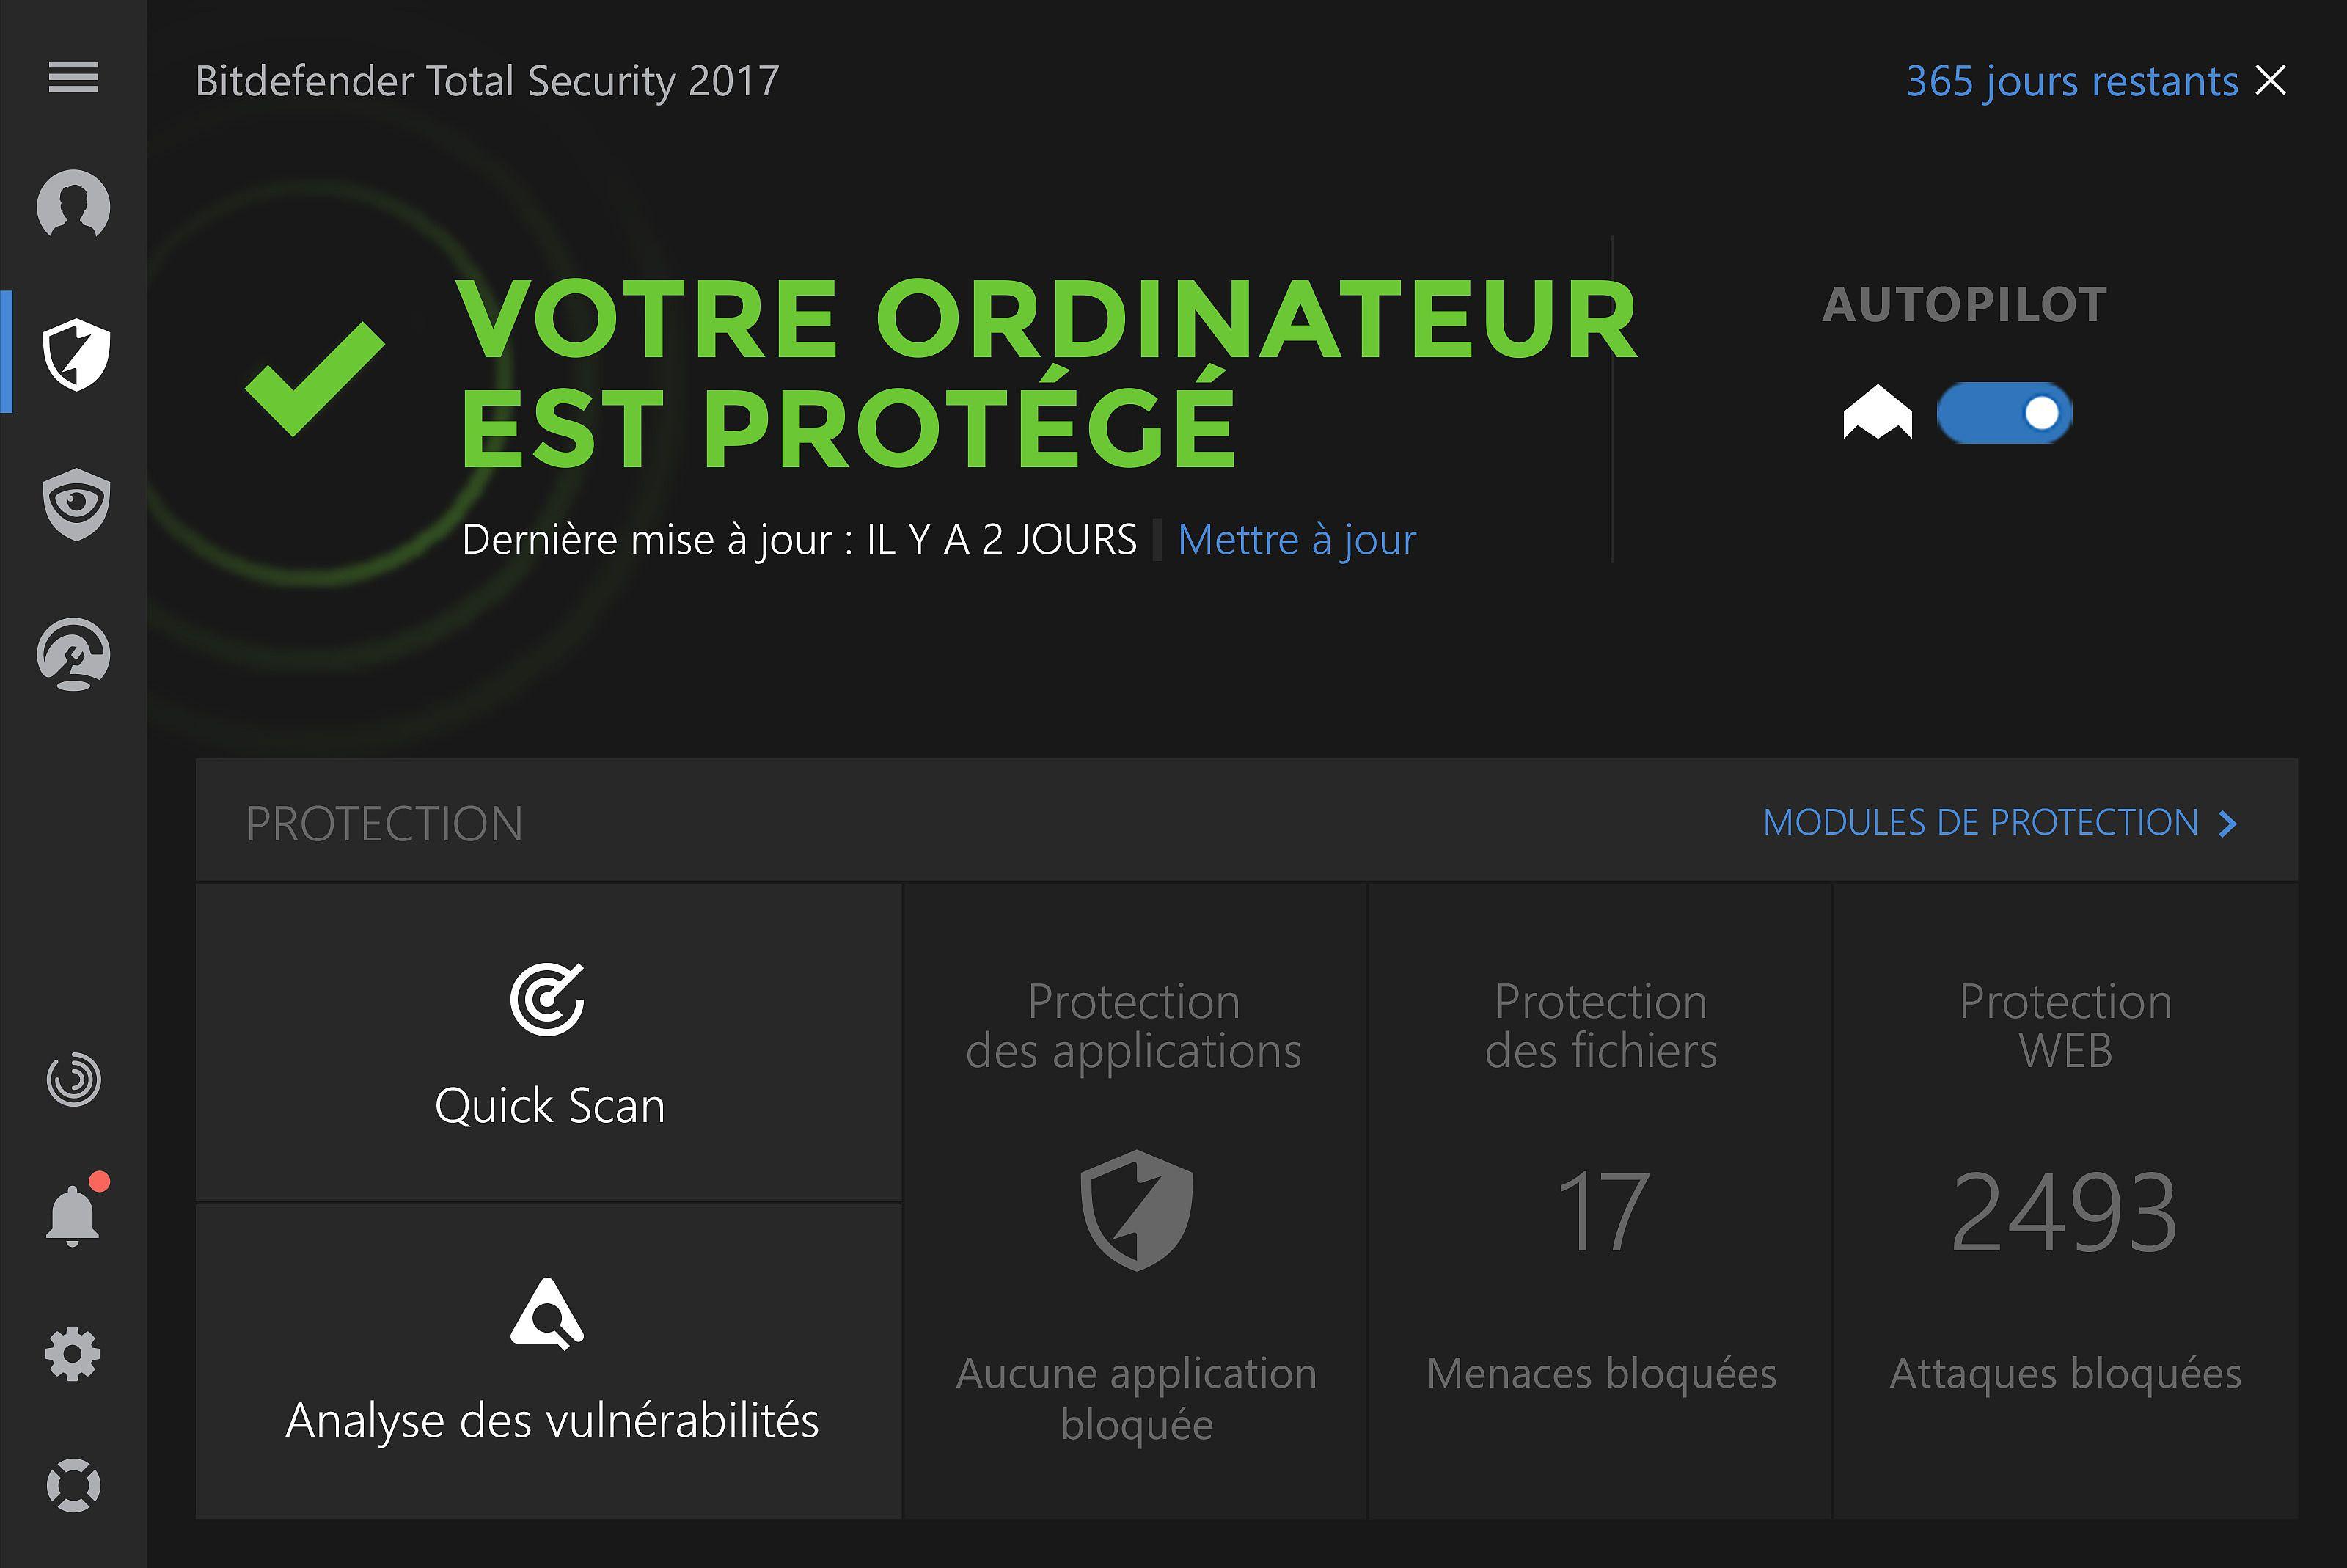 Bitdefender Total Security 2017 Bêta Sécurité & Vie privée